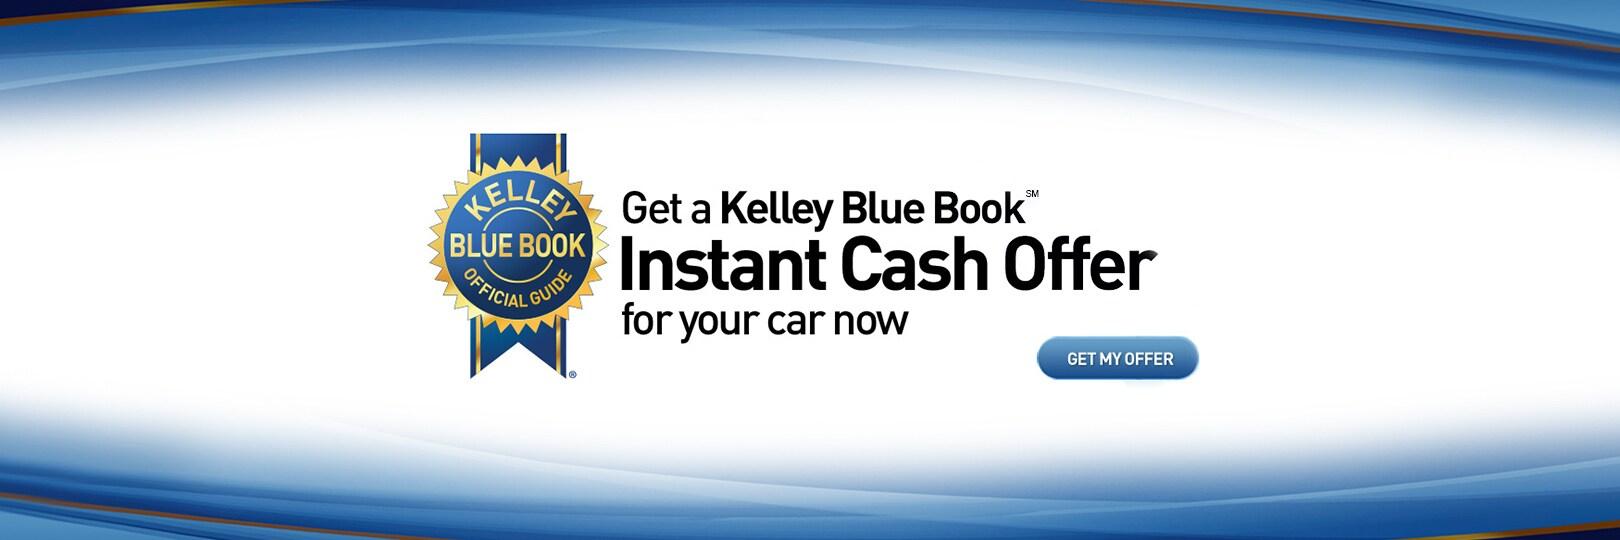 Kelly Blue Book Instant Cash Offer | Spradely Barr Ford Fort Collins